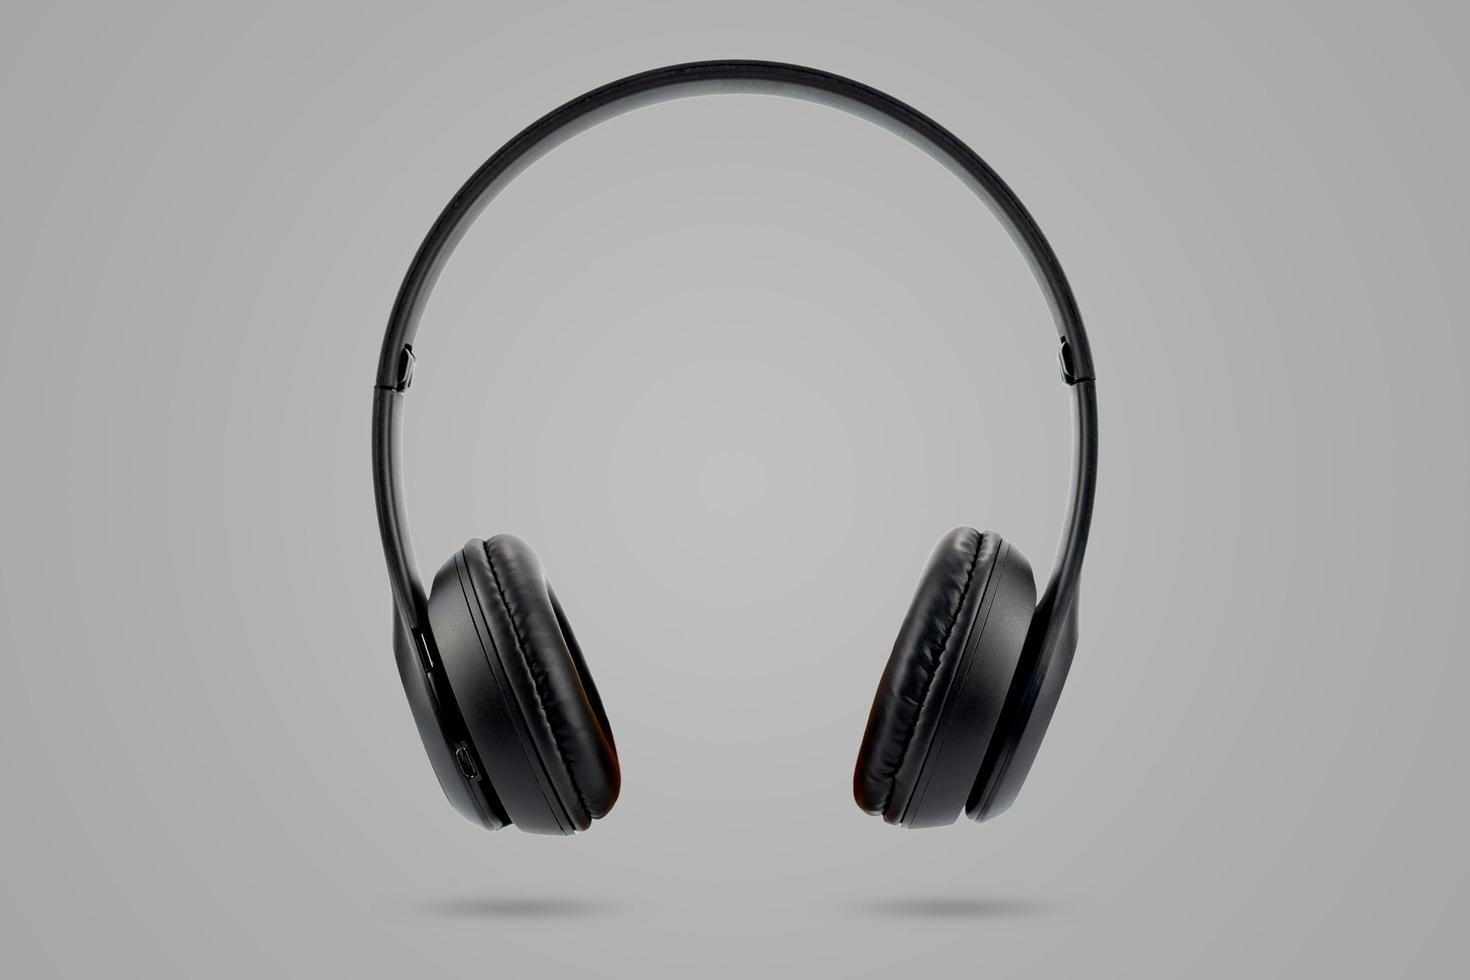 fones de ouvido sem fio de cor preta isolados em fundo cinza pastel foto